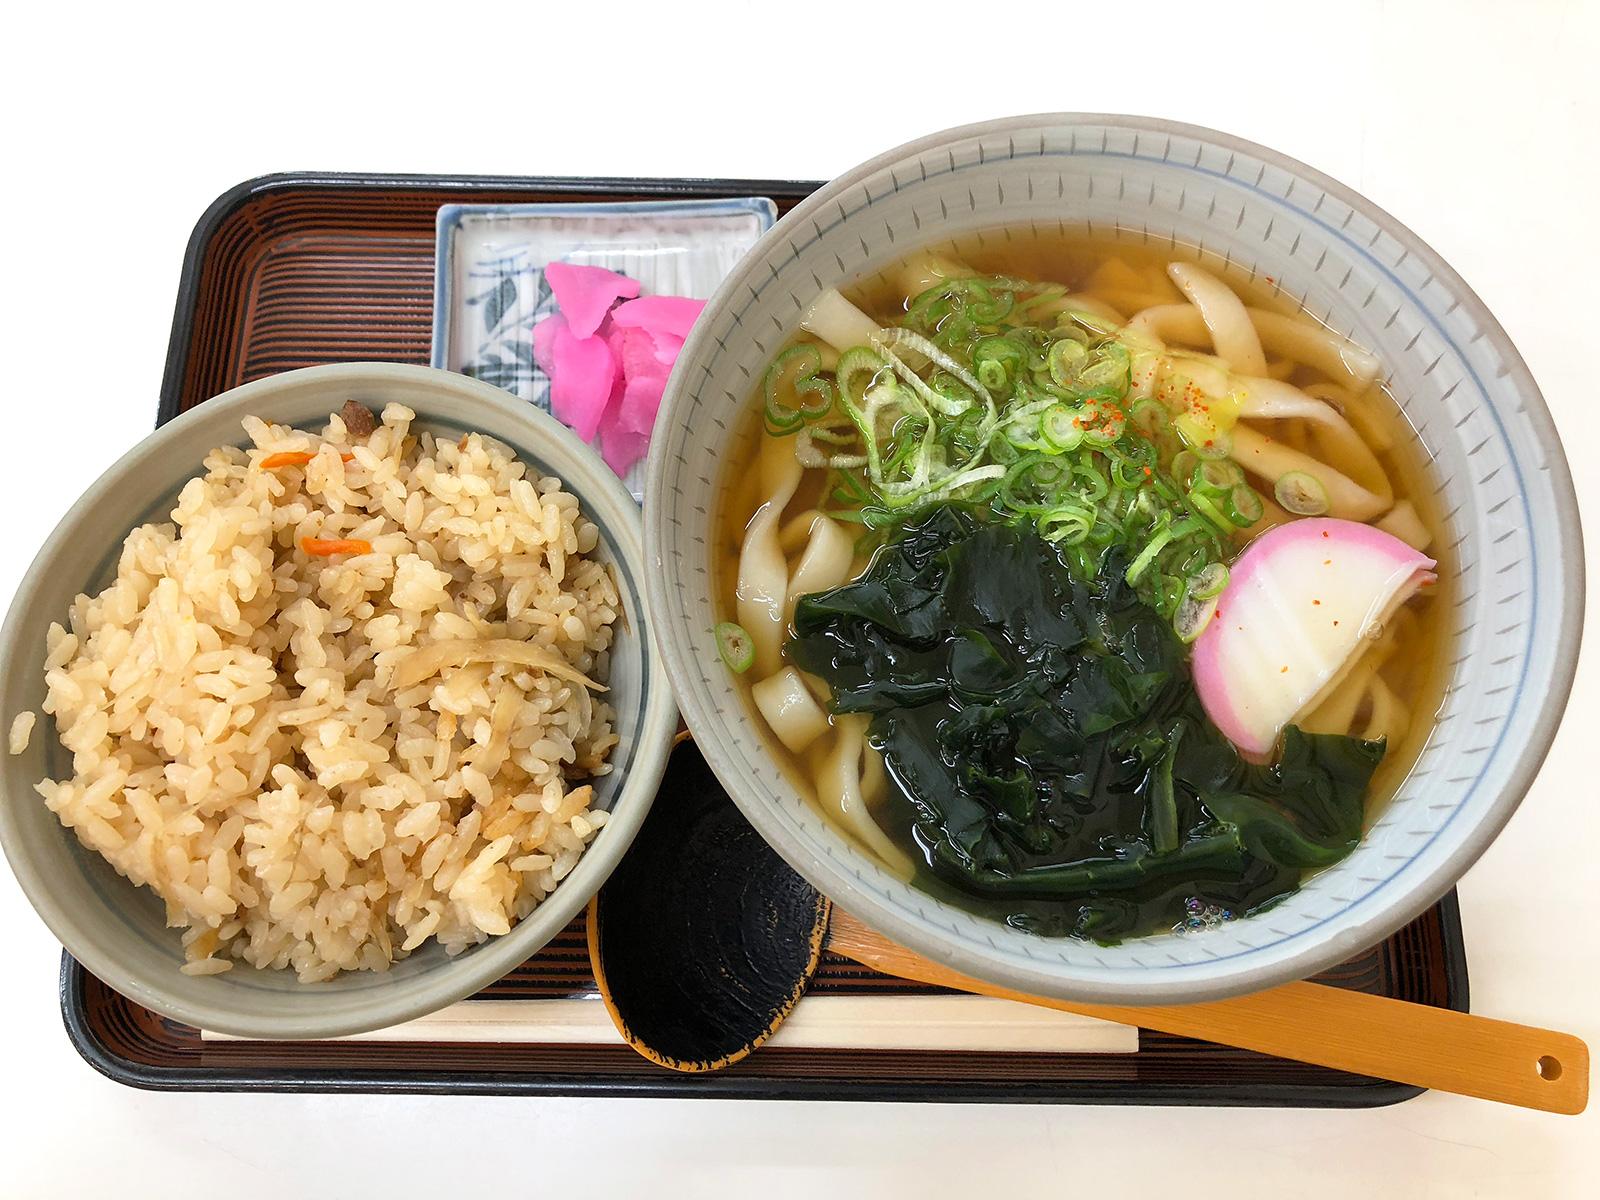 「むつみや」の五目ご飯ときしめんランチ @清須市下小田井